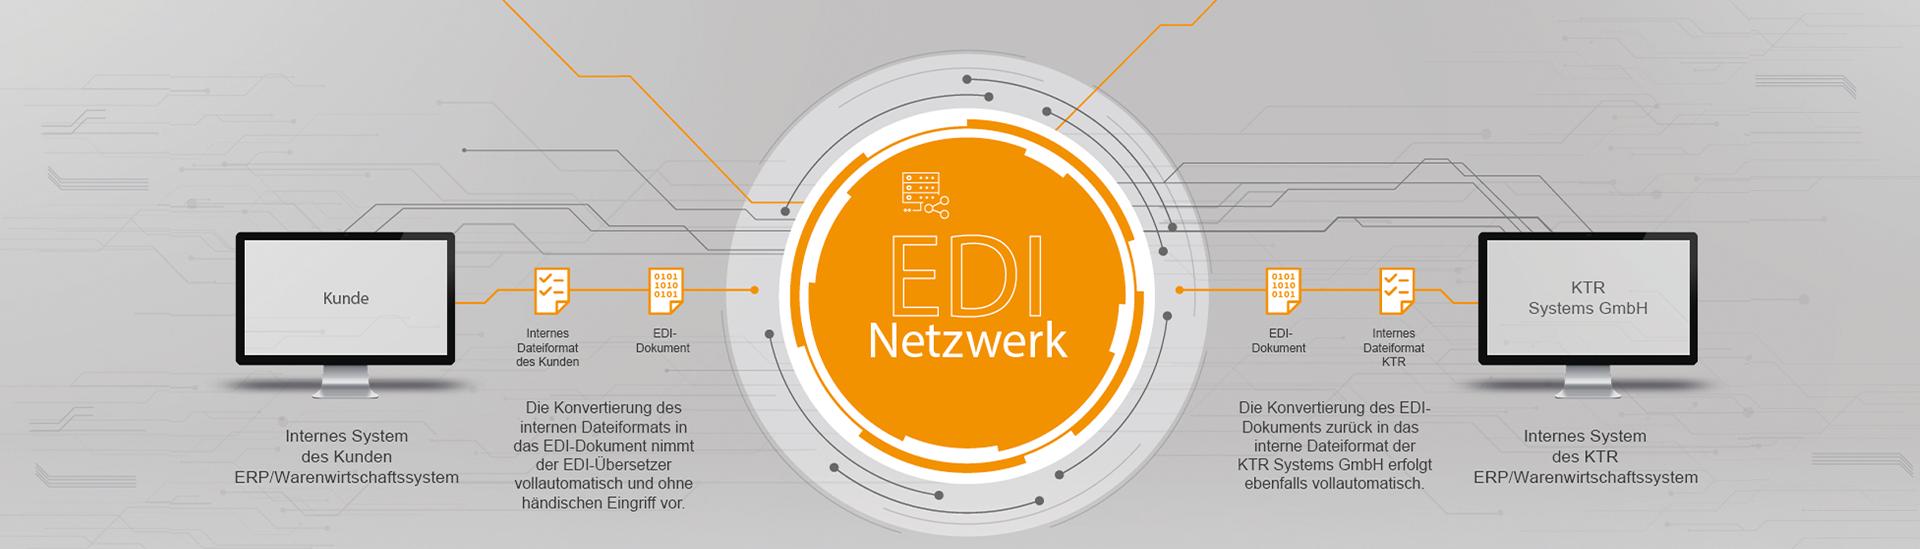 EDI - Elektronische Datenaustausch - KTR Systems GmbH